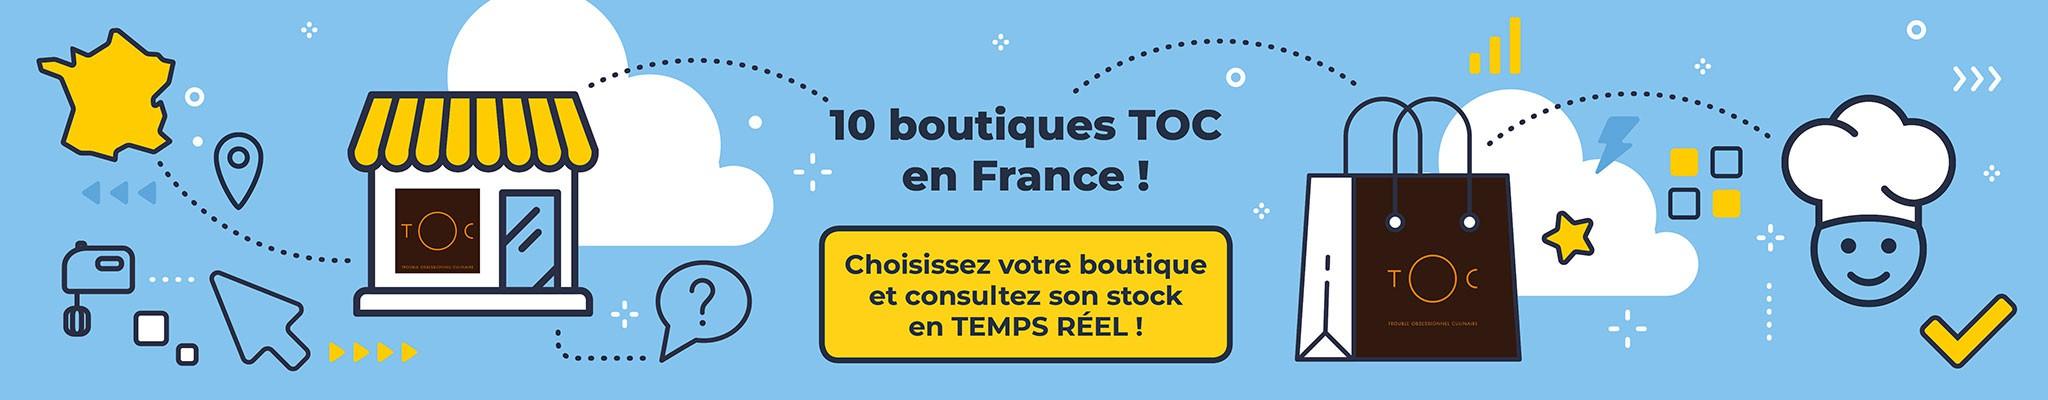 Choisissez votre boutique et consultez son stock en temps réel !